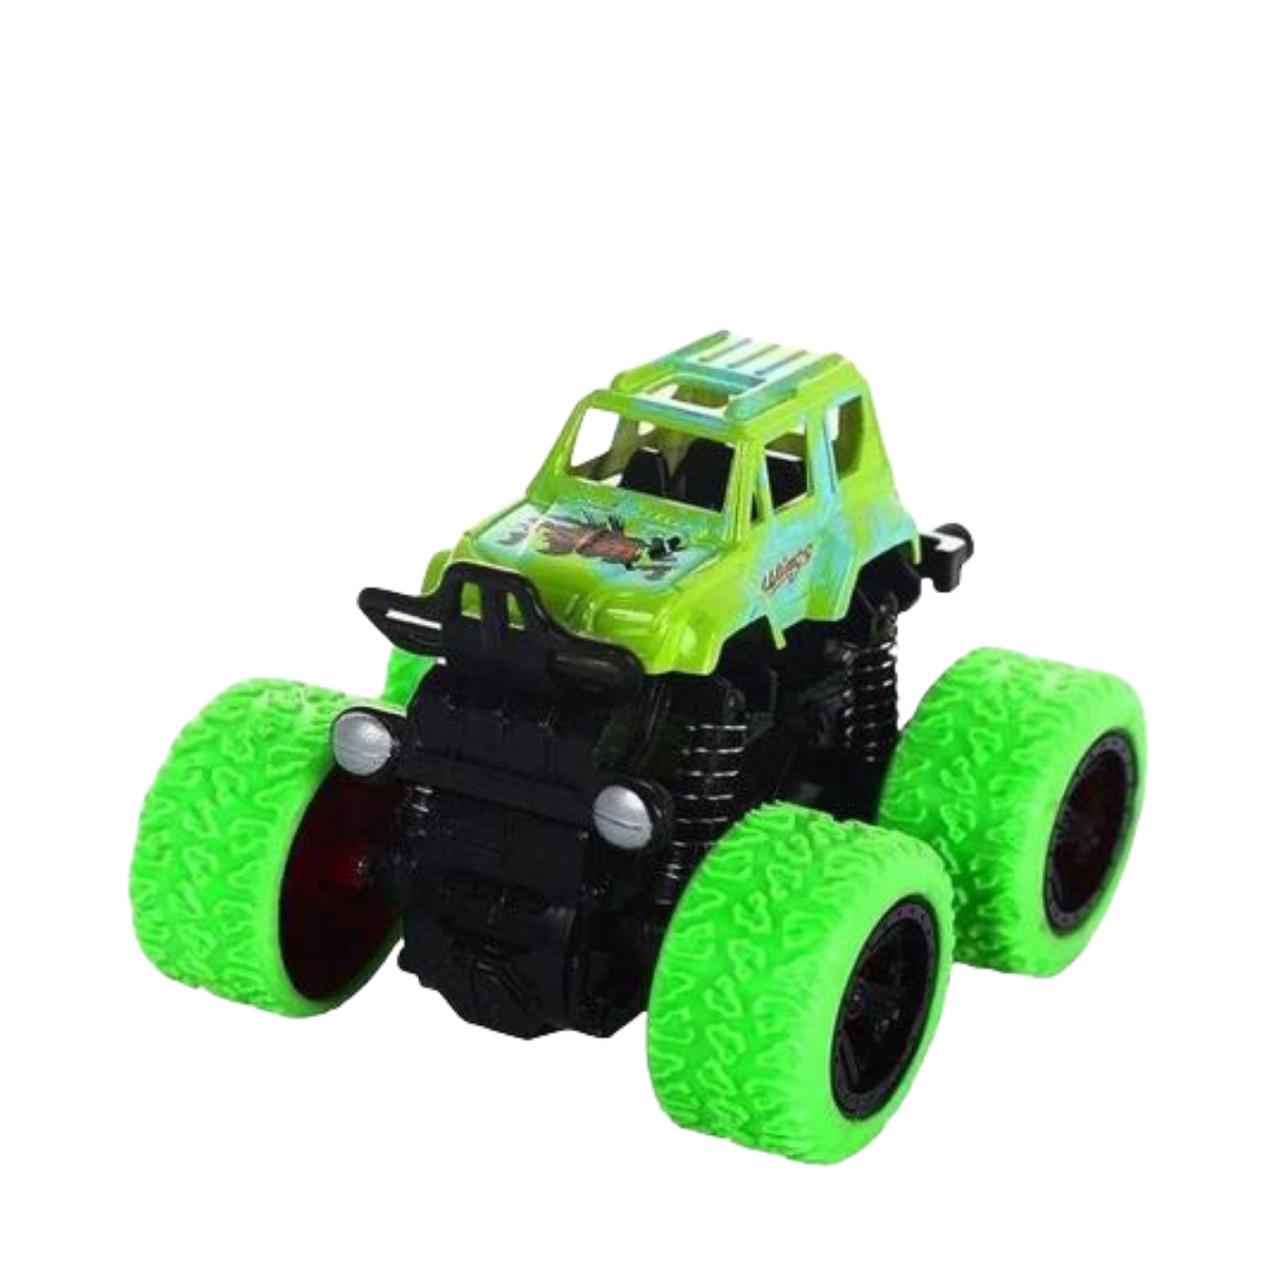 Carrinho Mini Truck 360 graus Cores Sortidas Super Divertido e Radical